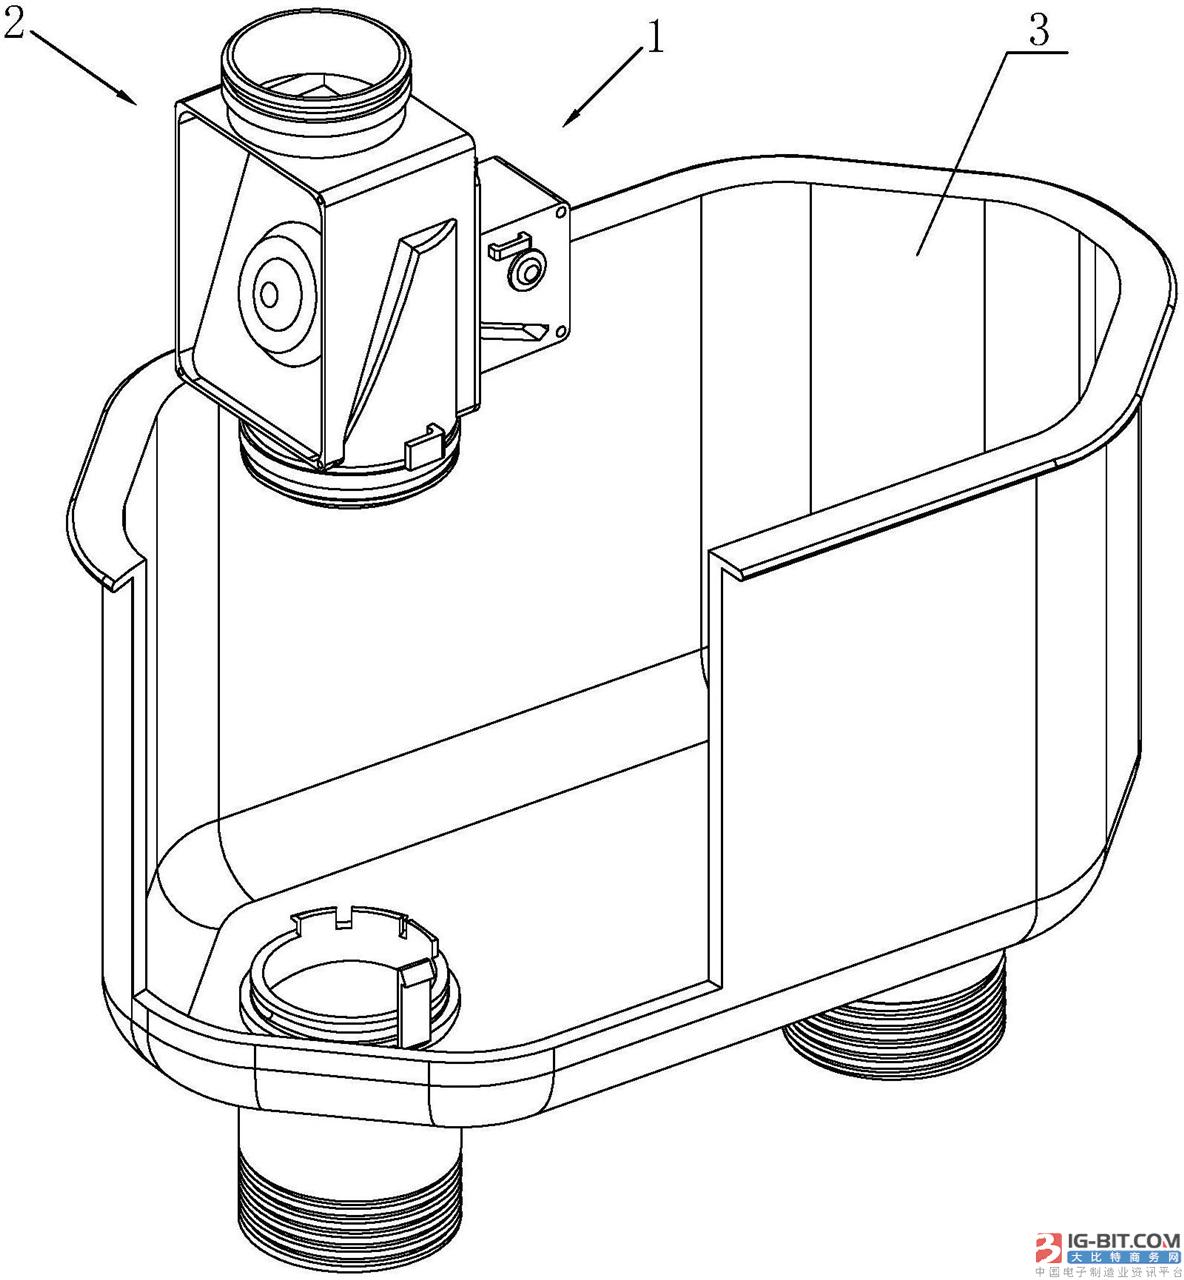 【仪表专利】一种热式燃气表的限流阀